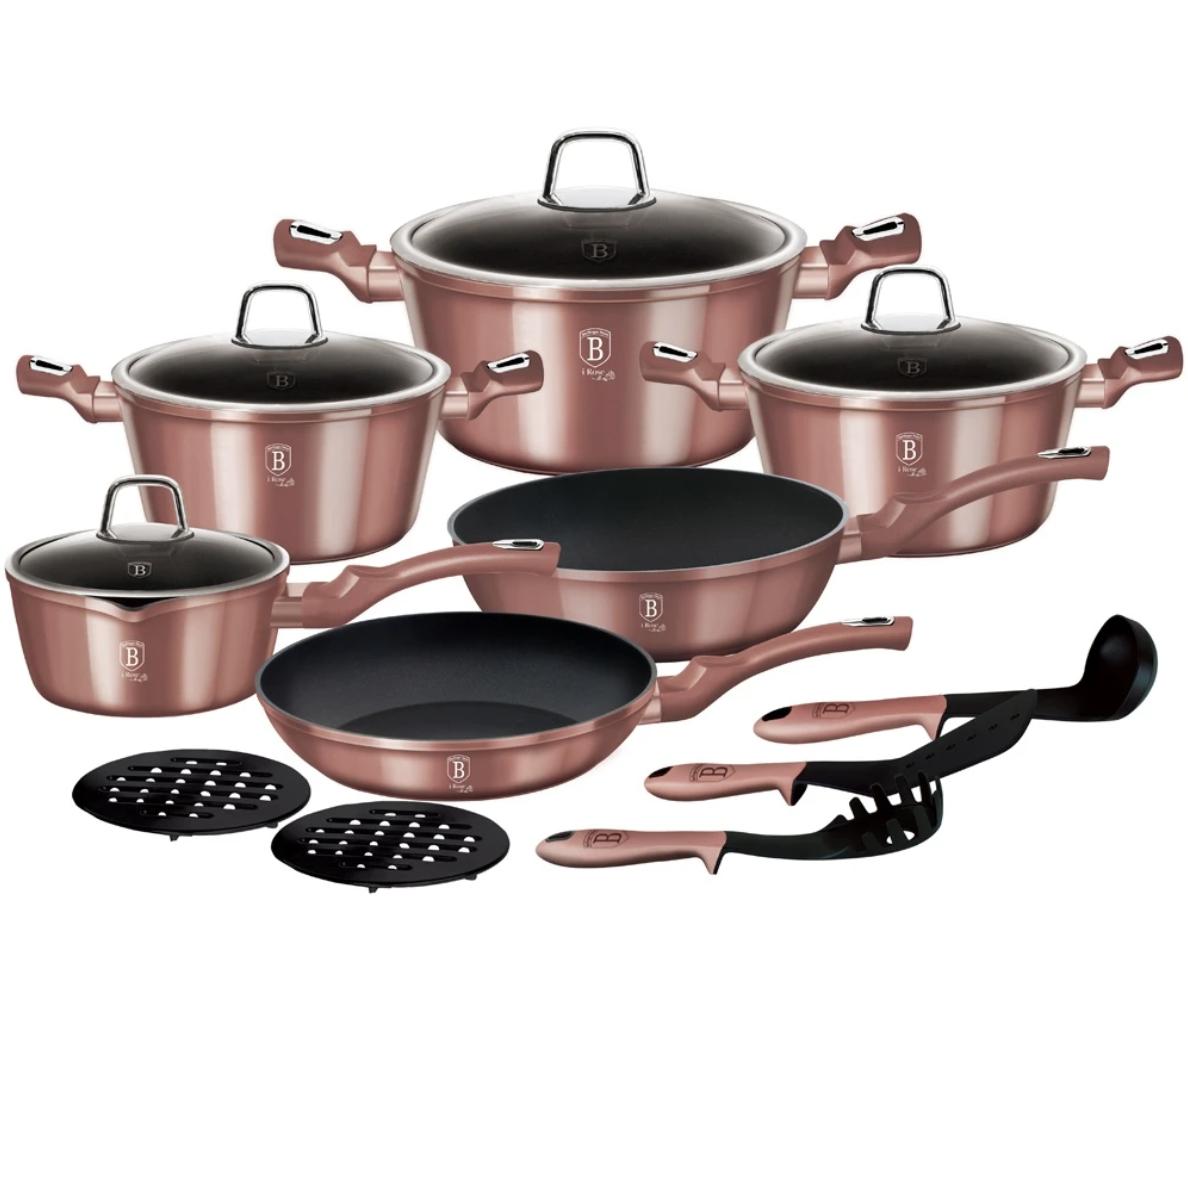 Набор посуды Berlinger Haus Metallic Line Rosegold Edition 15 предметов